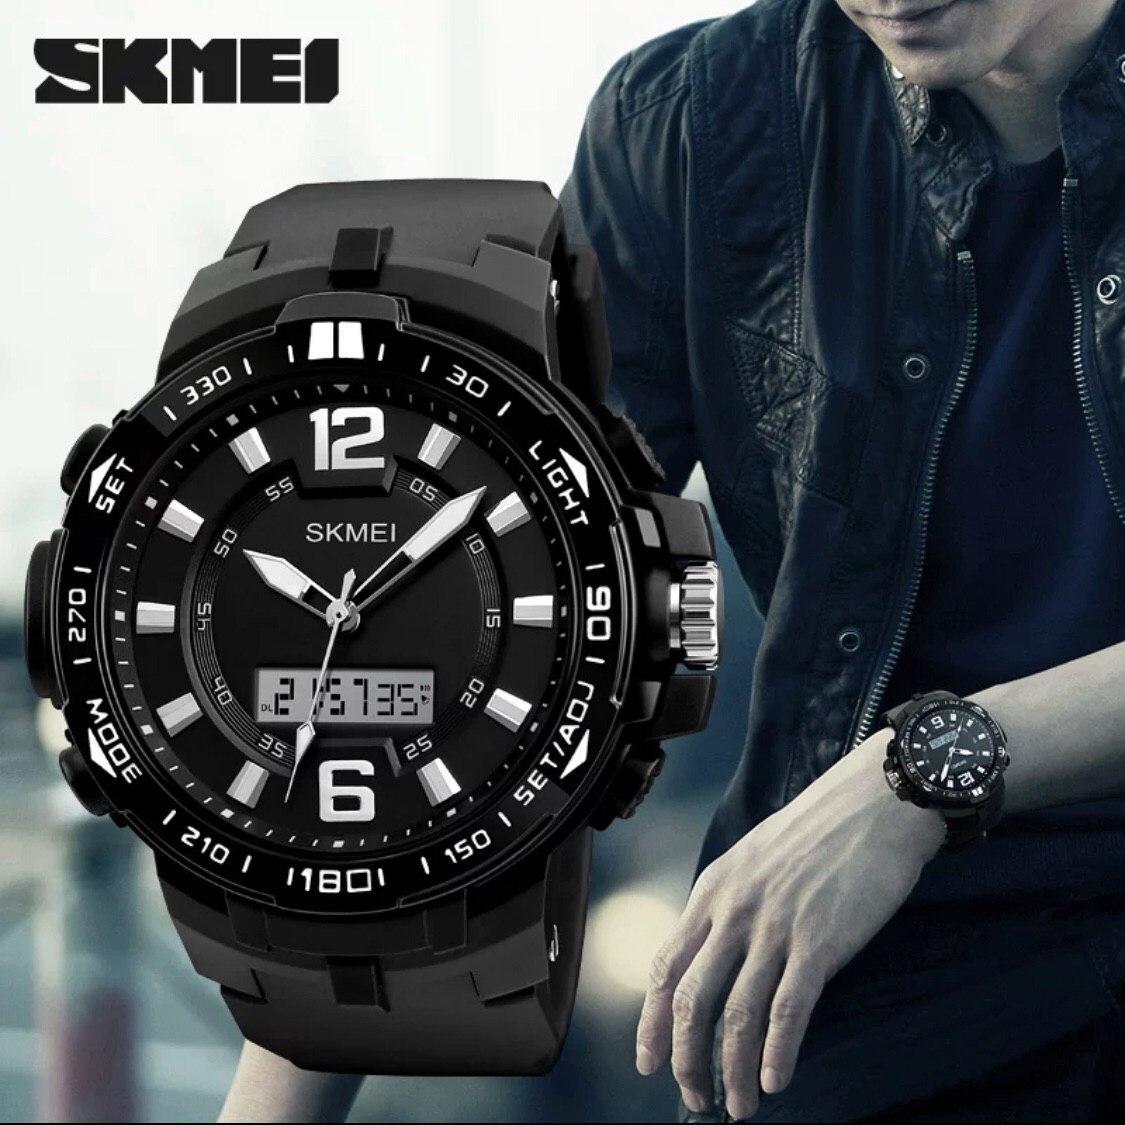 Часы Skmei. Информация. Купить Skmei в Украине.